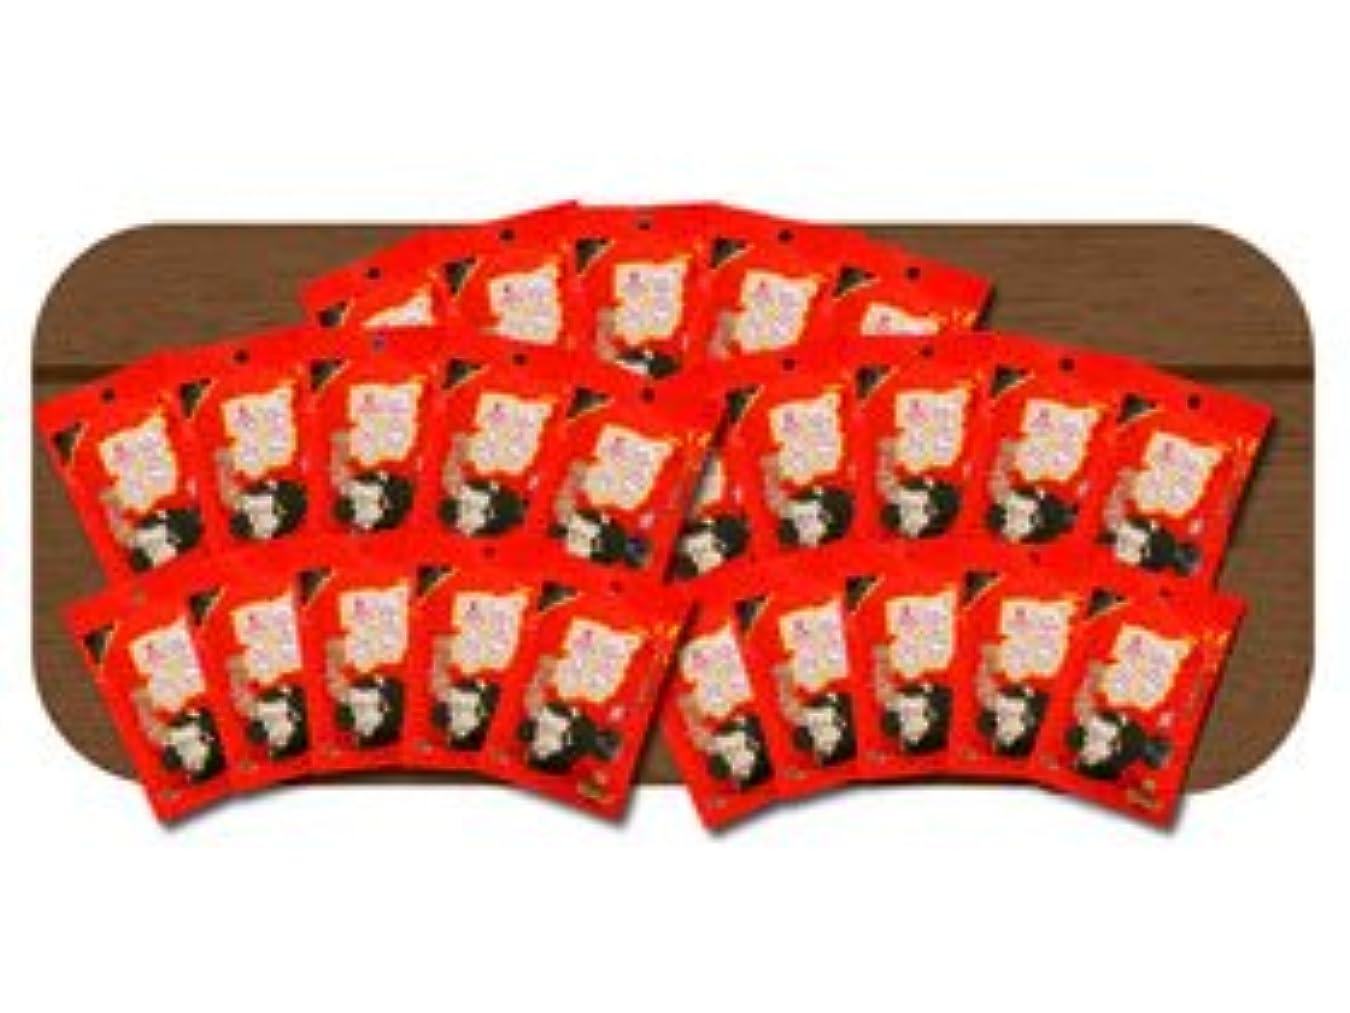 捕虜茎不透明な出雲市名産品 甘納豆_ゴリラの鼻くそ プチゴリラセット(40g×25袋)